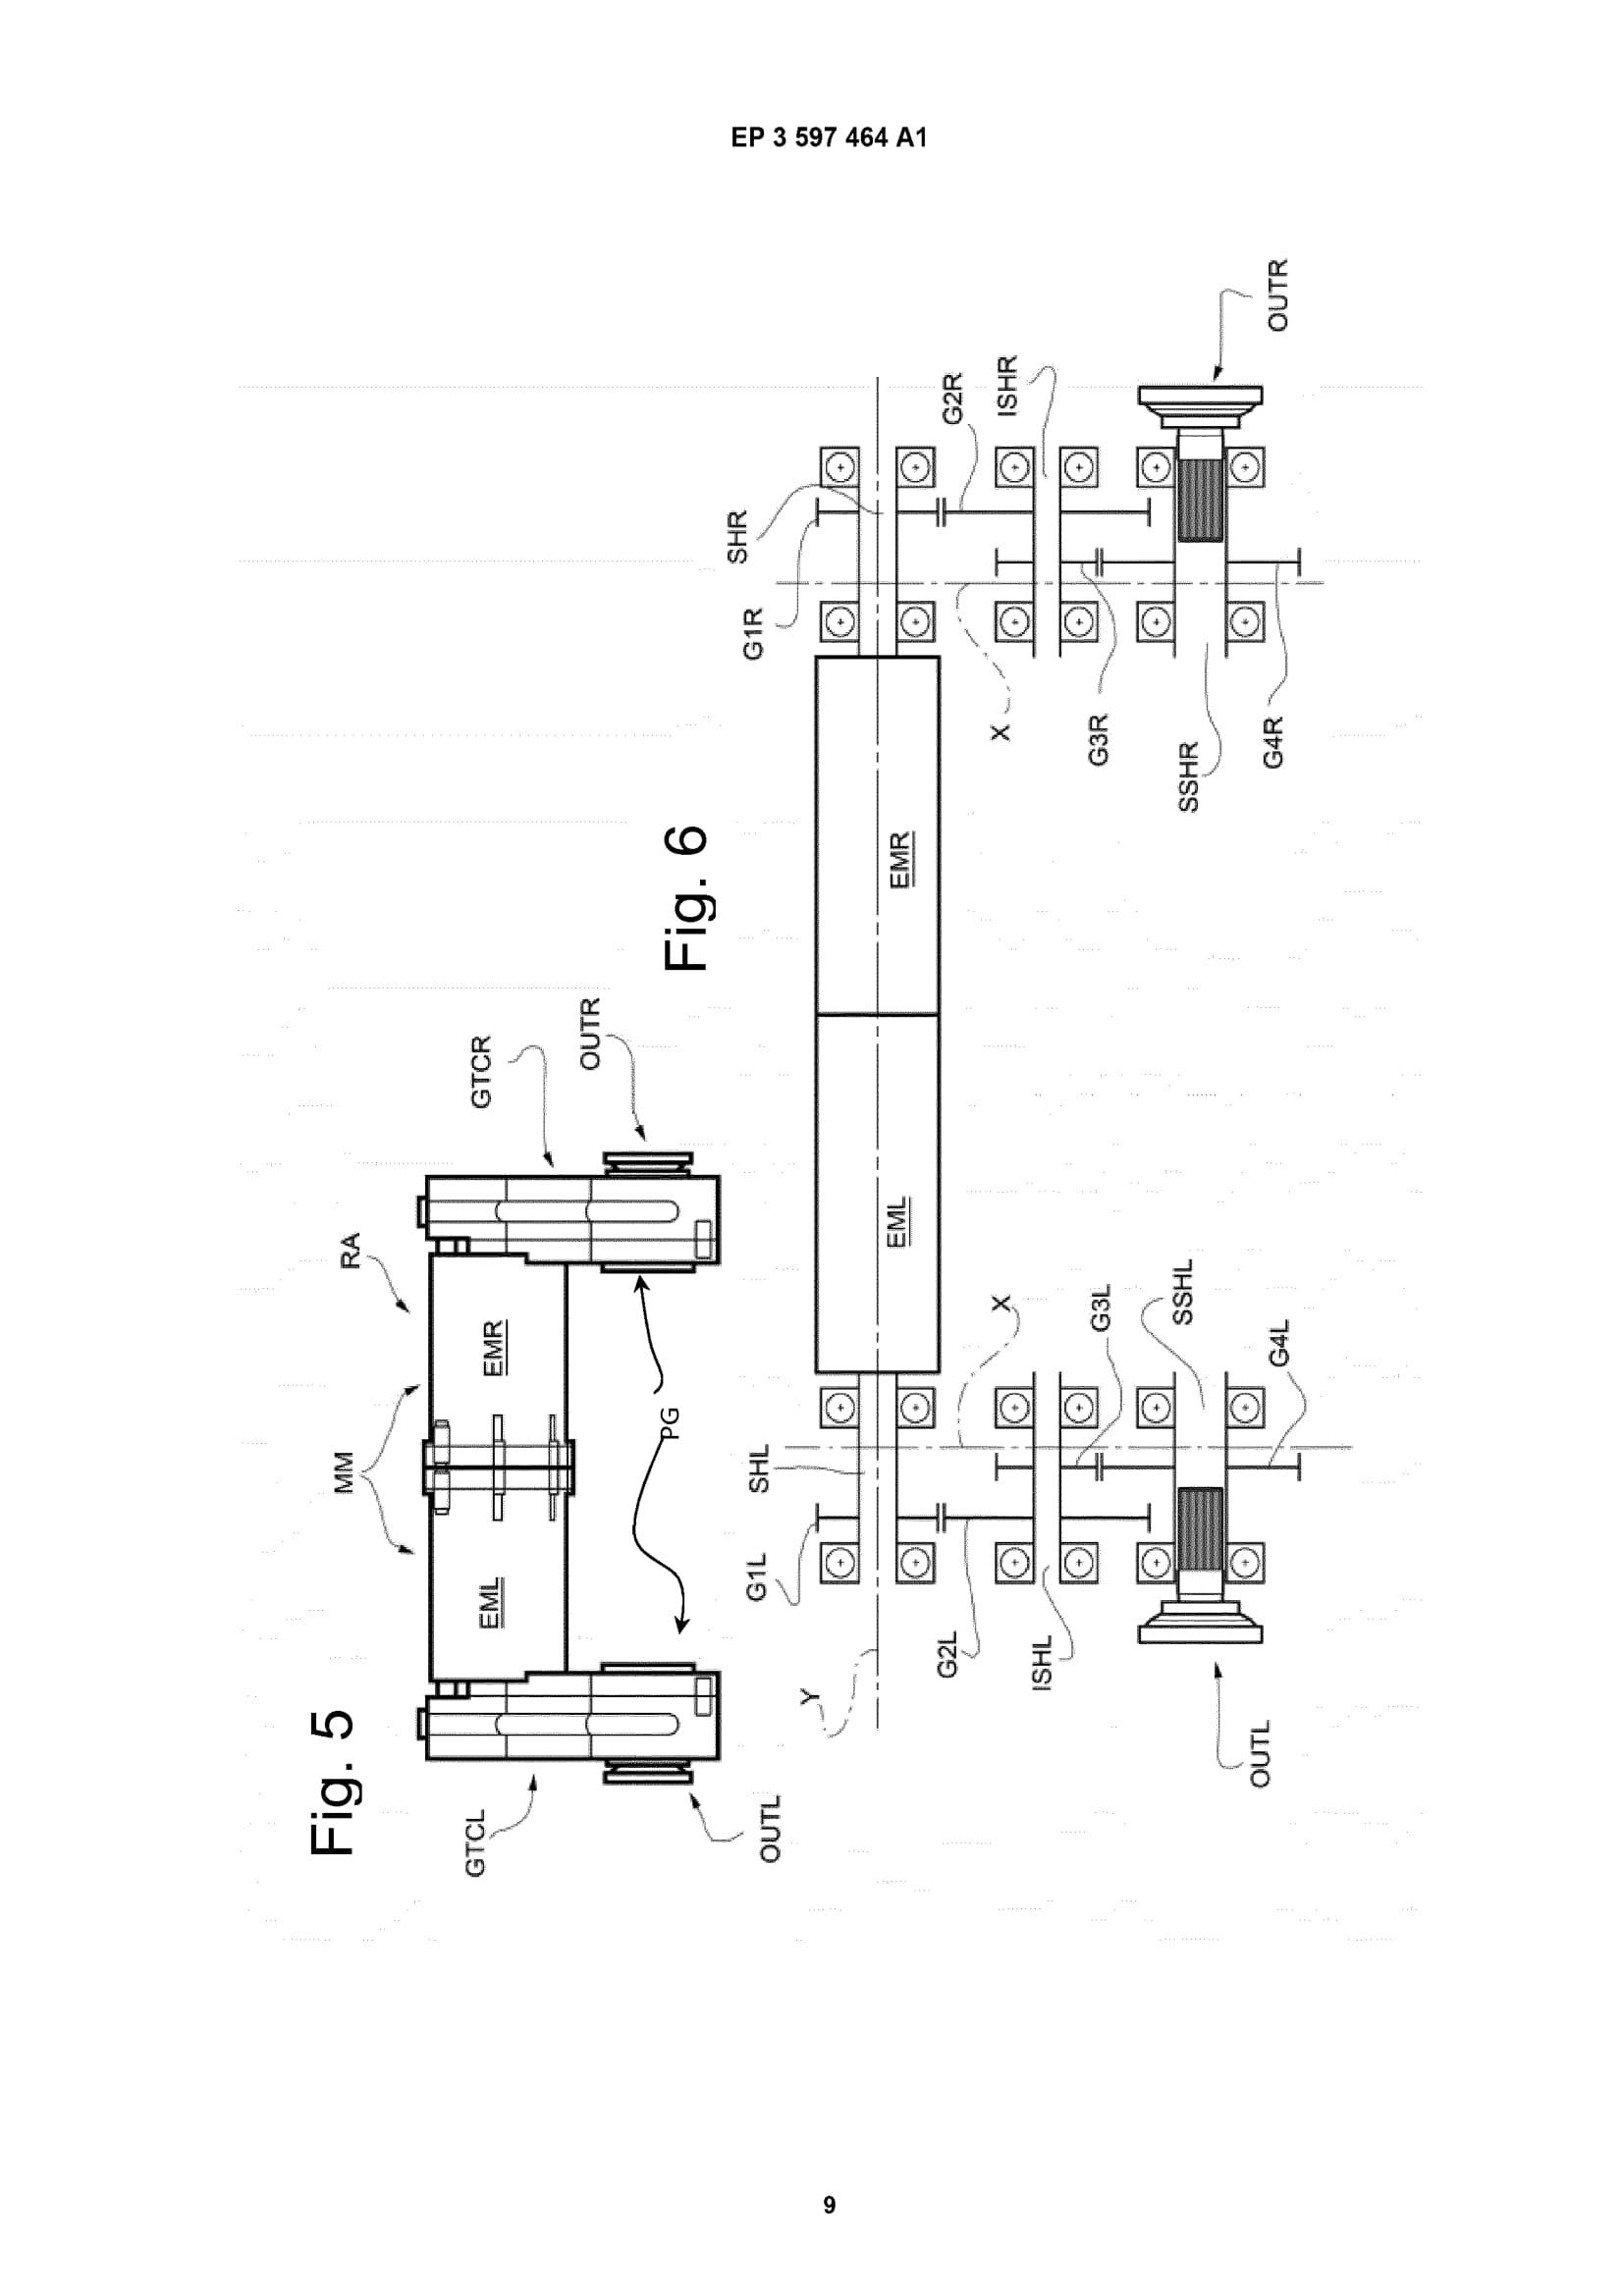 Ferrari-Electric-patent-9